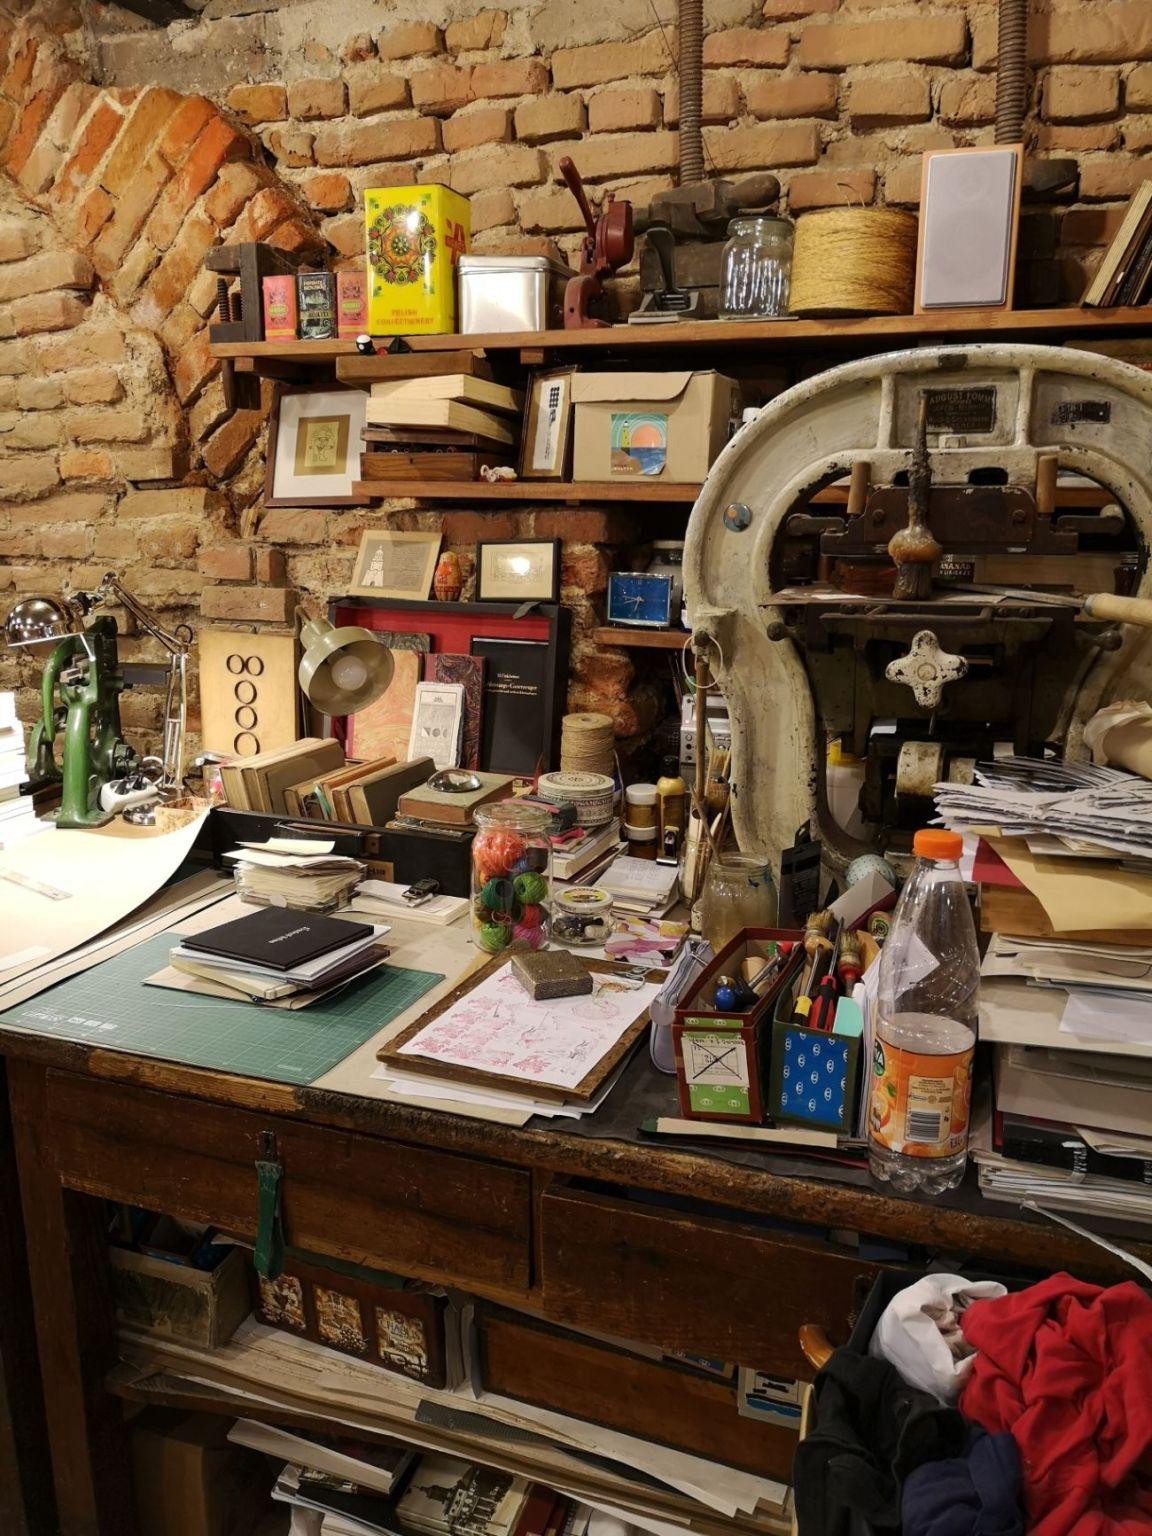 dom słów intruligatornia lublin izba drukarstwa żmigród